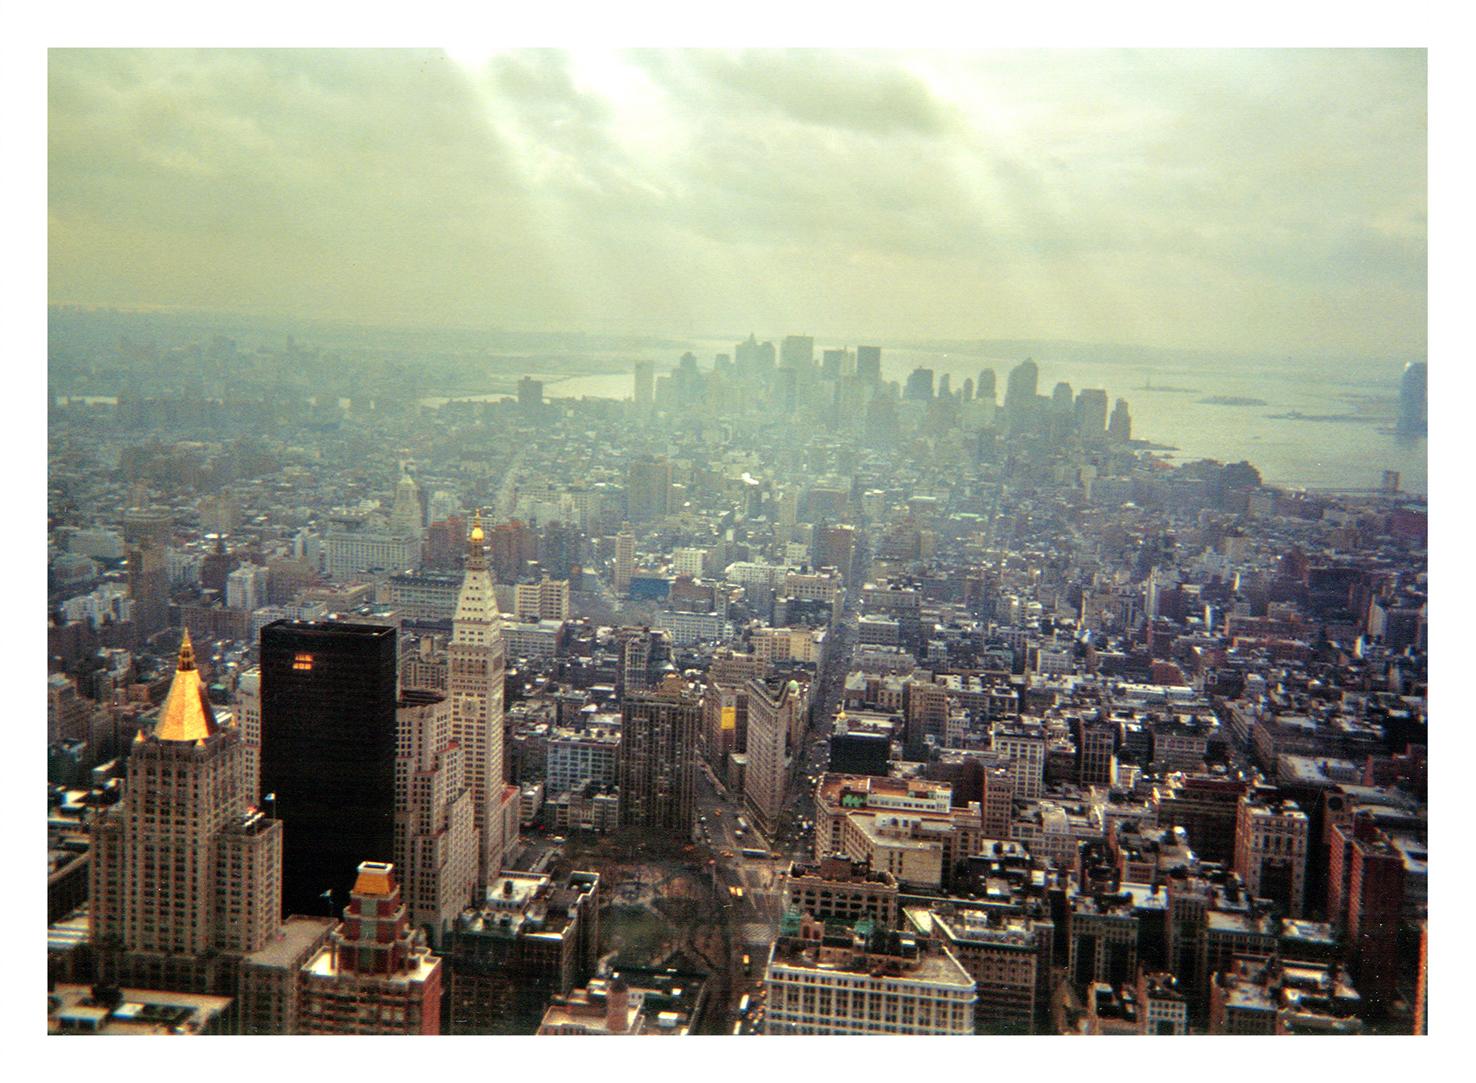 South of Manhattan by BolFAB